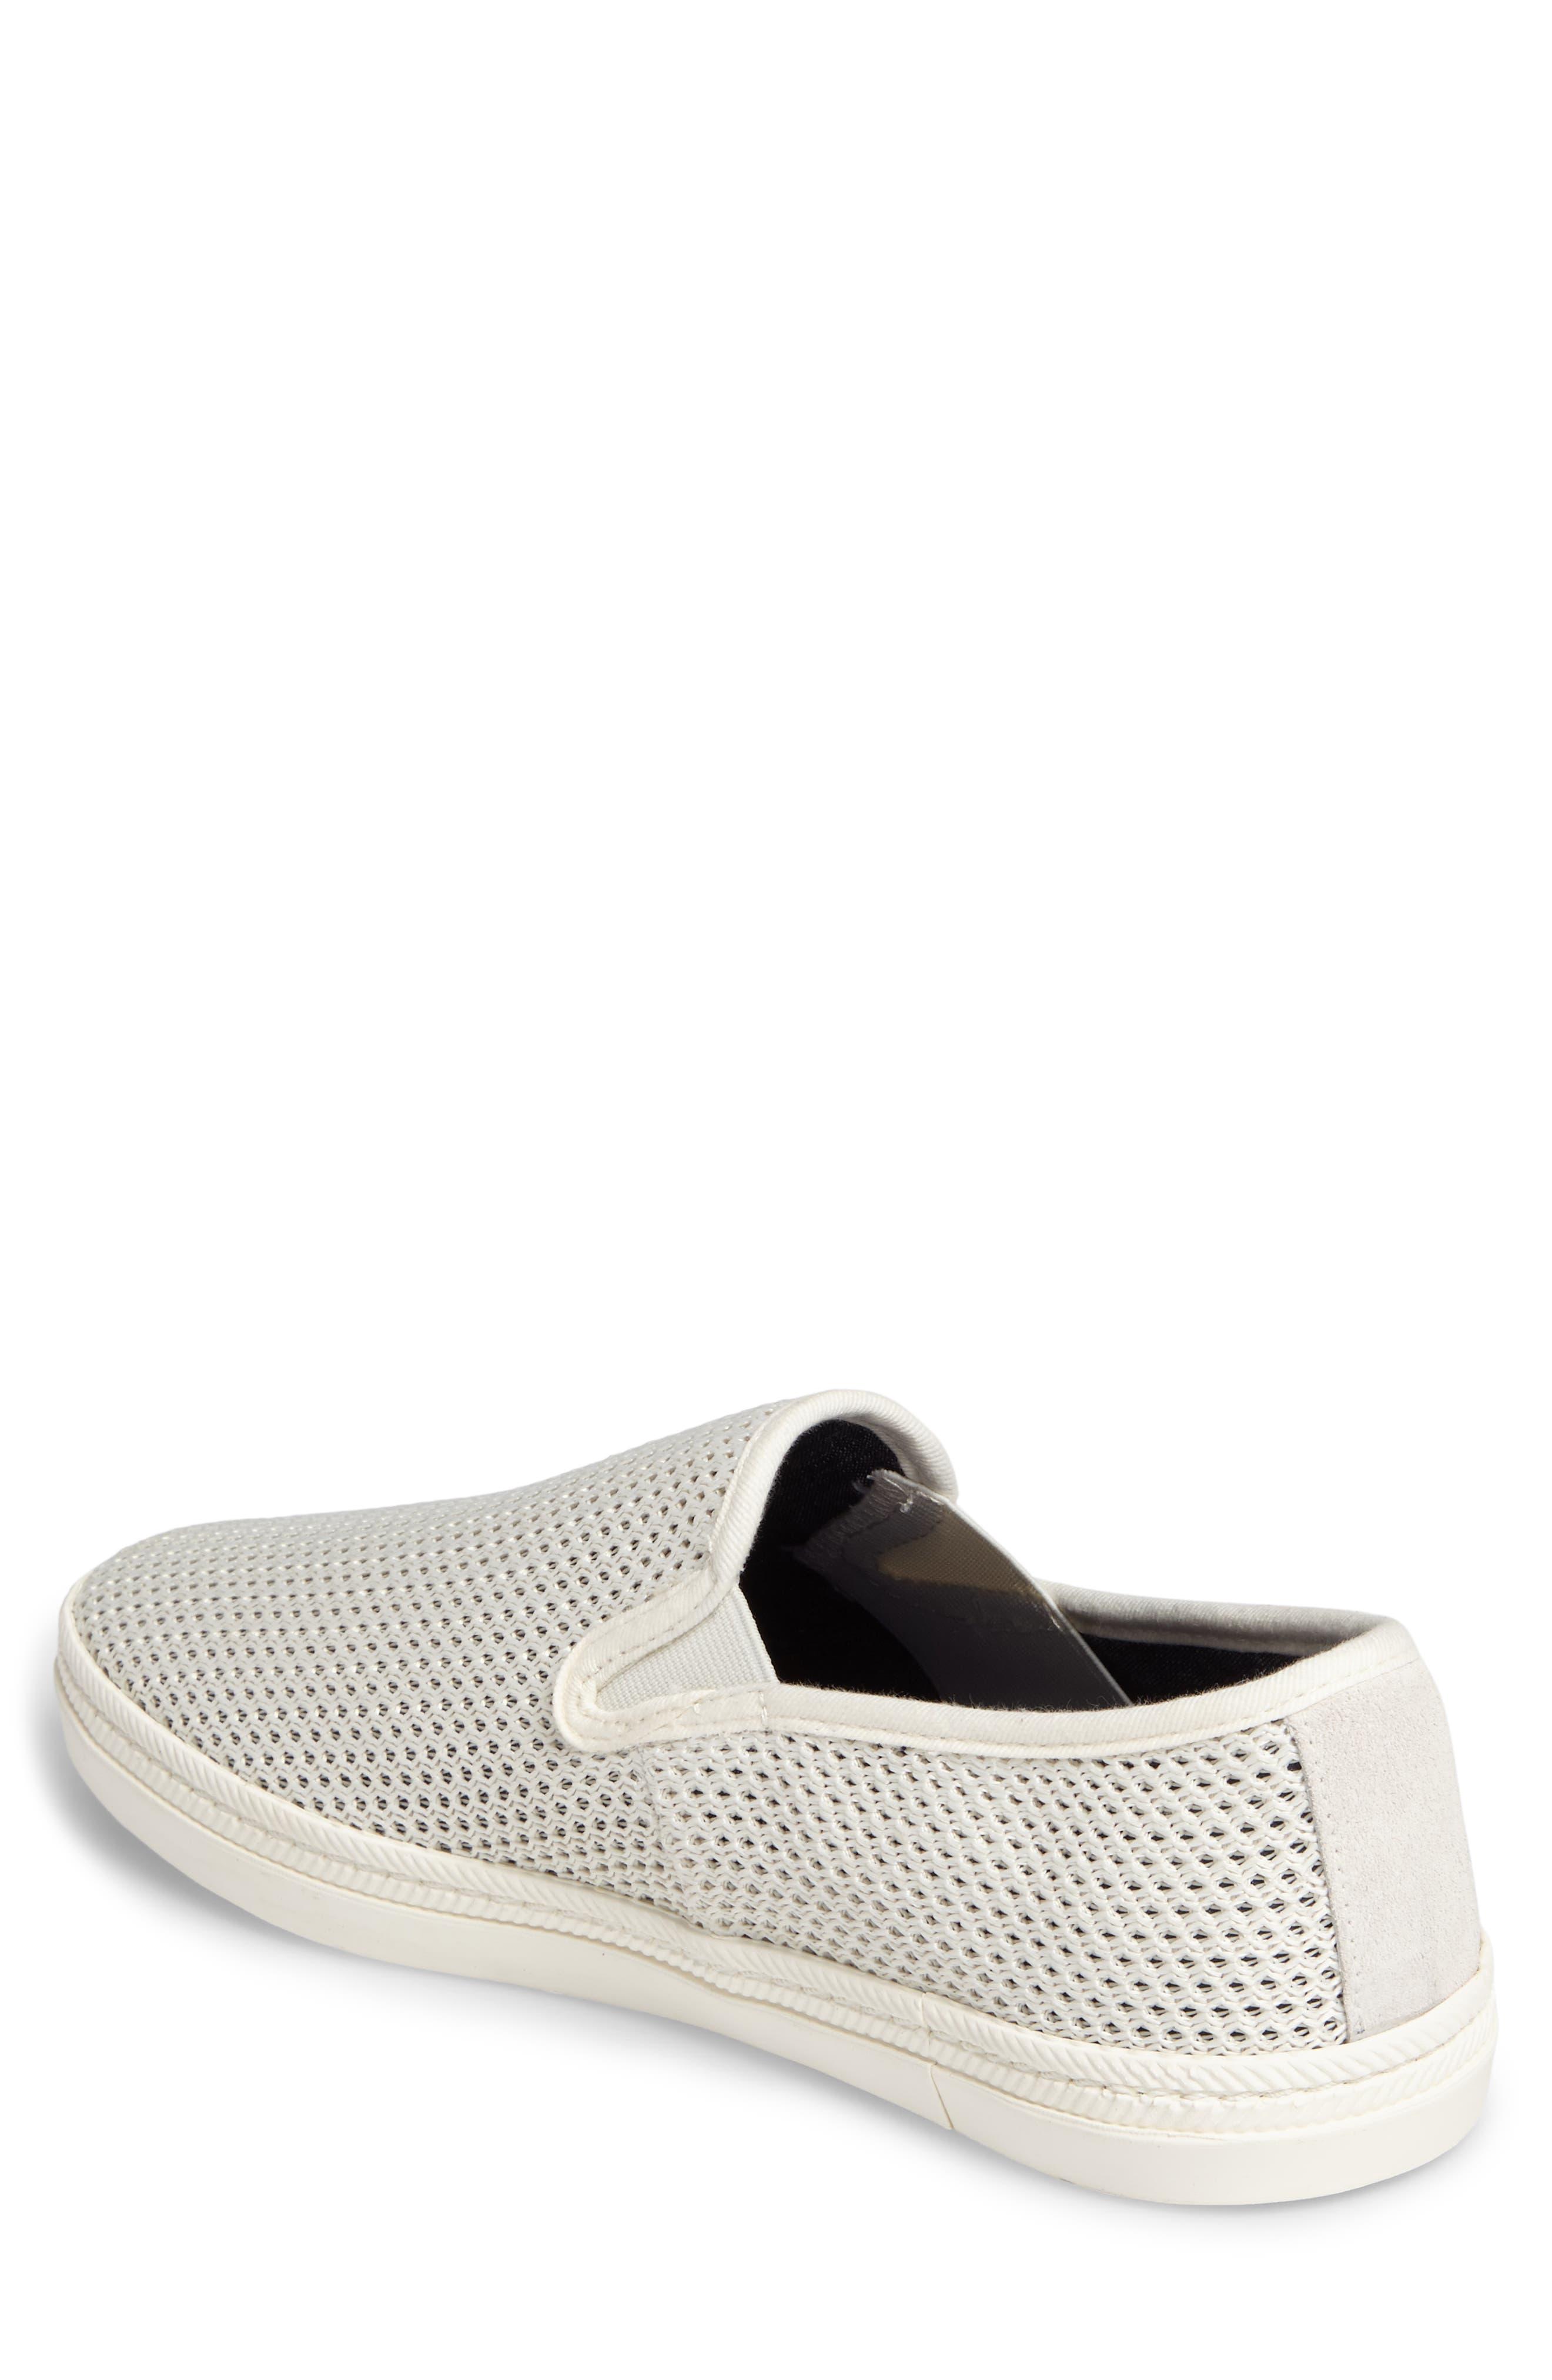 Delray Woven Slip-On Sneaker,                             Alternate thumbnail 2, color,                             Bone Beige Fabric